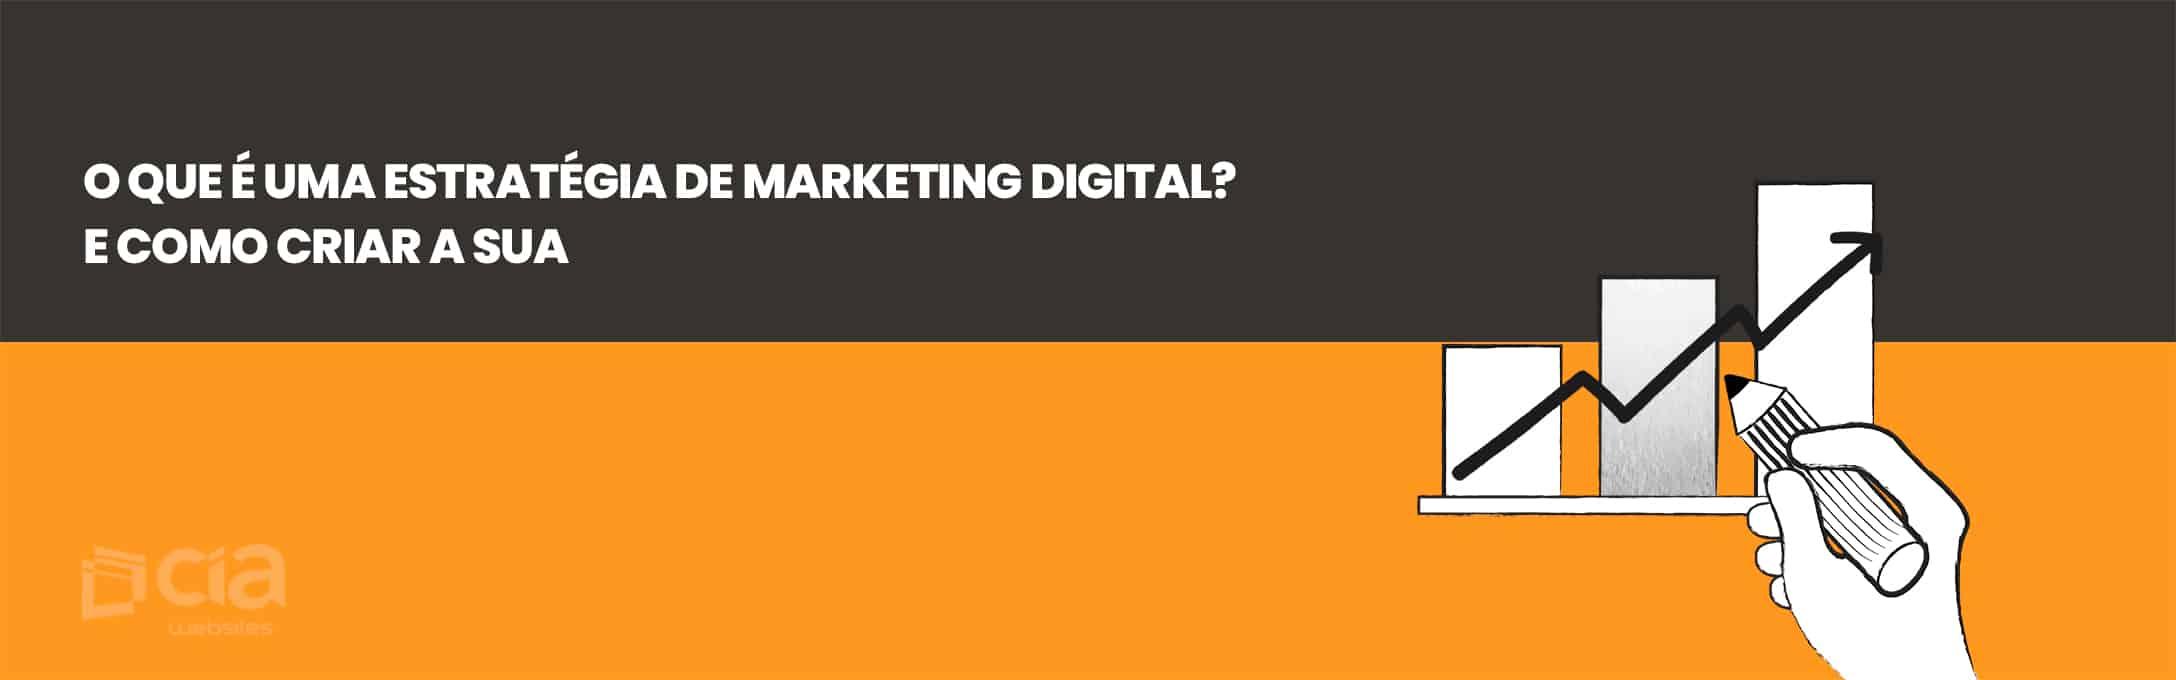 4 Estratégias de Marketing Digital Reveladas!